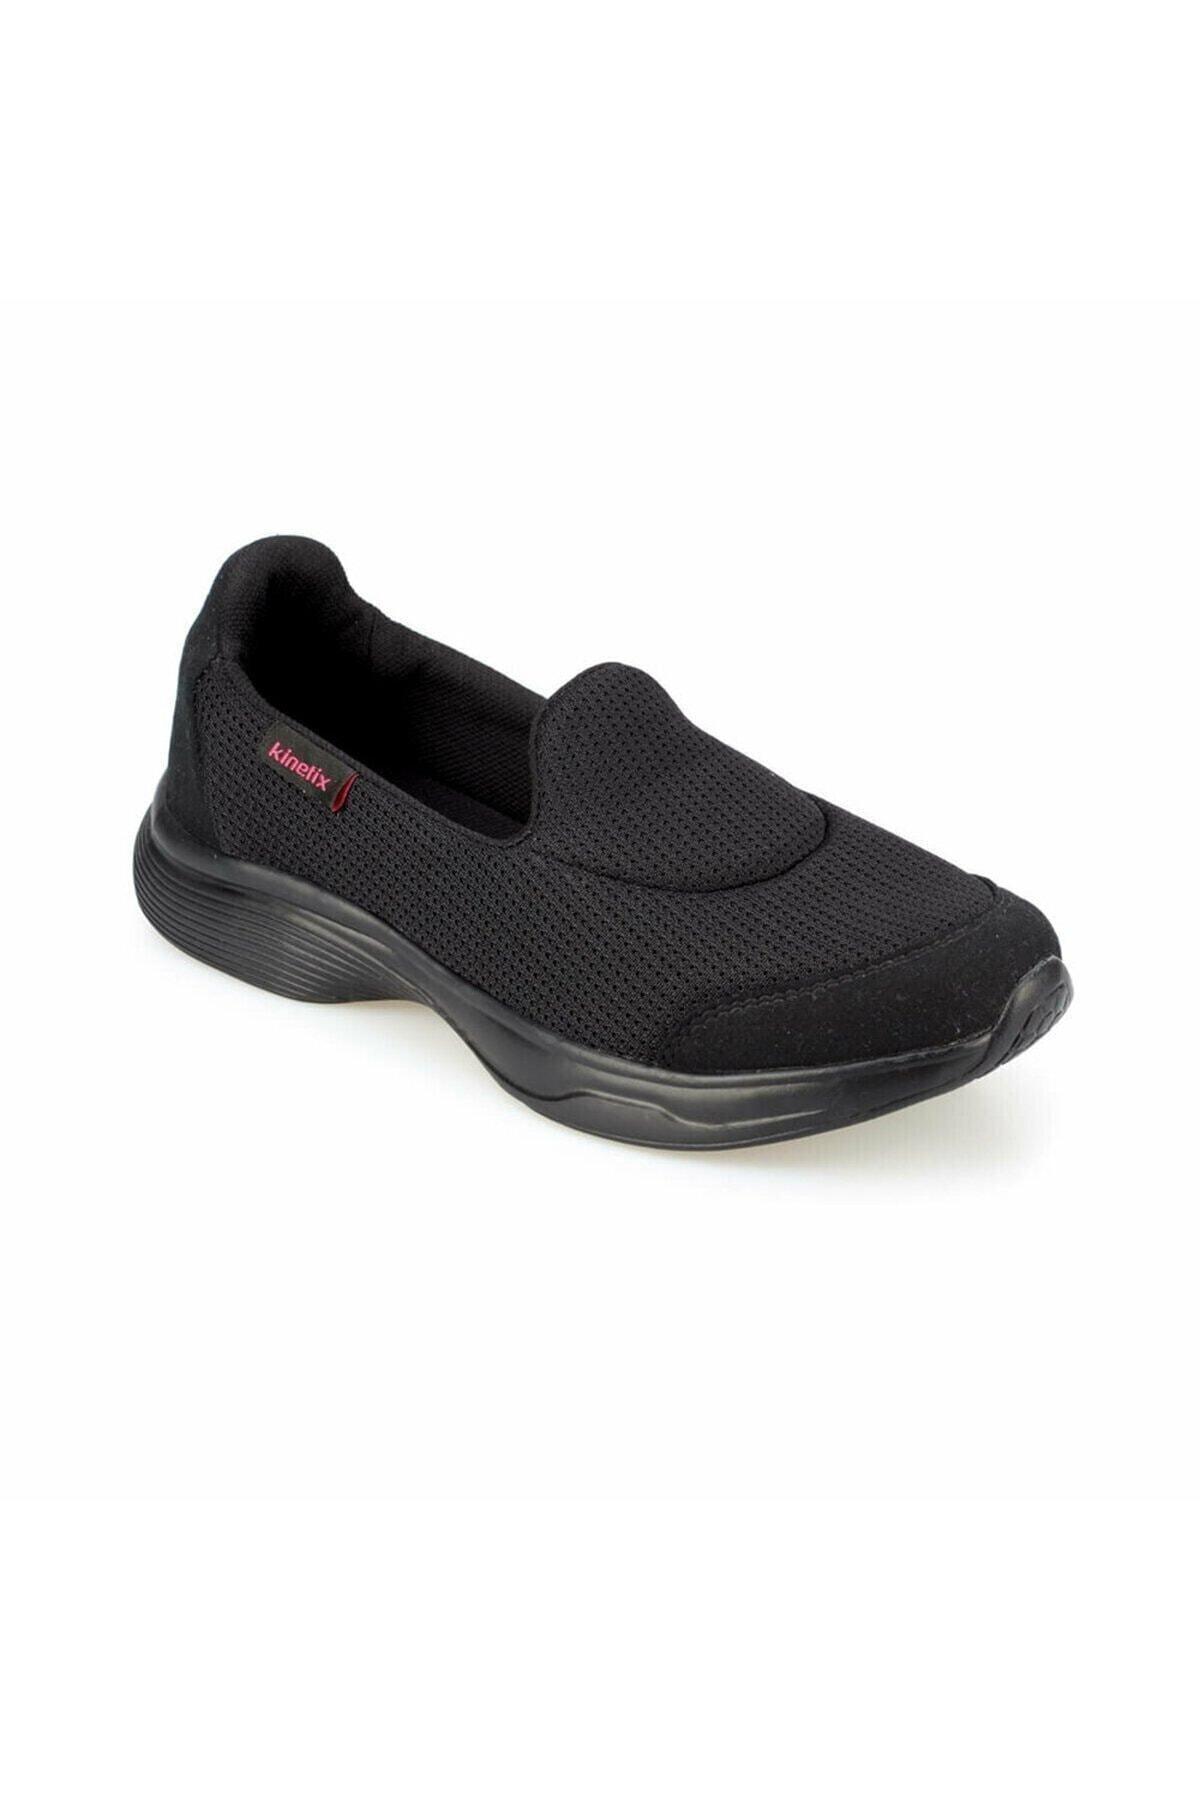 Aida Siyah Kadın Comfort Spor Ayakkabı